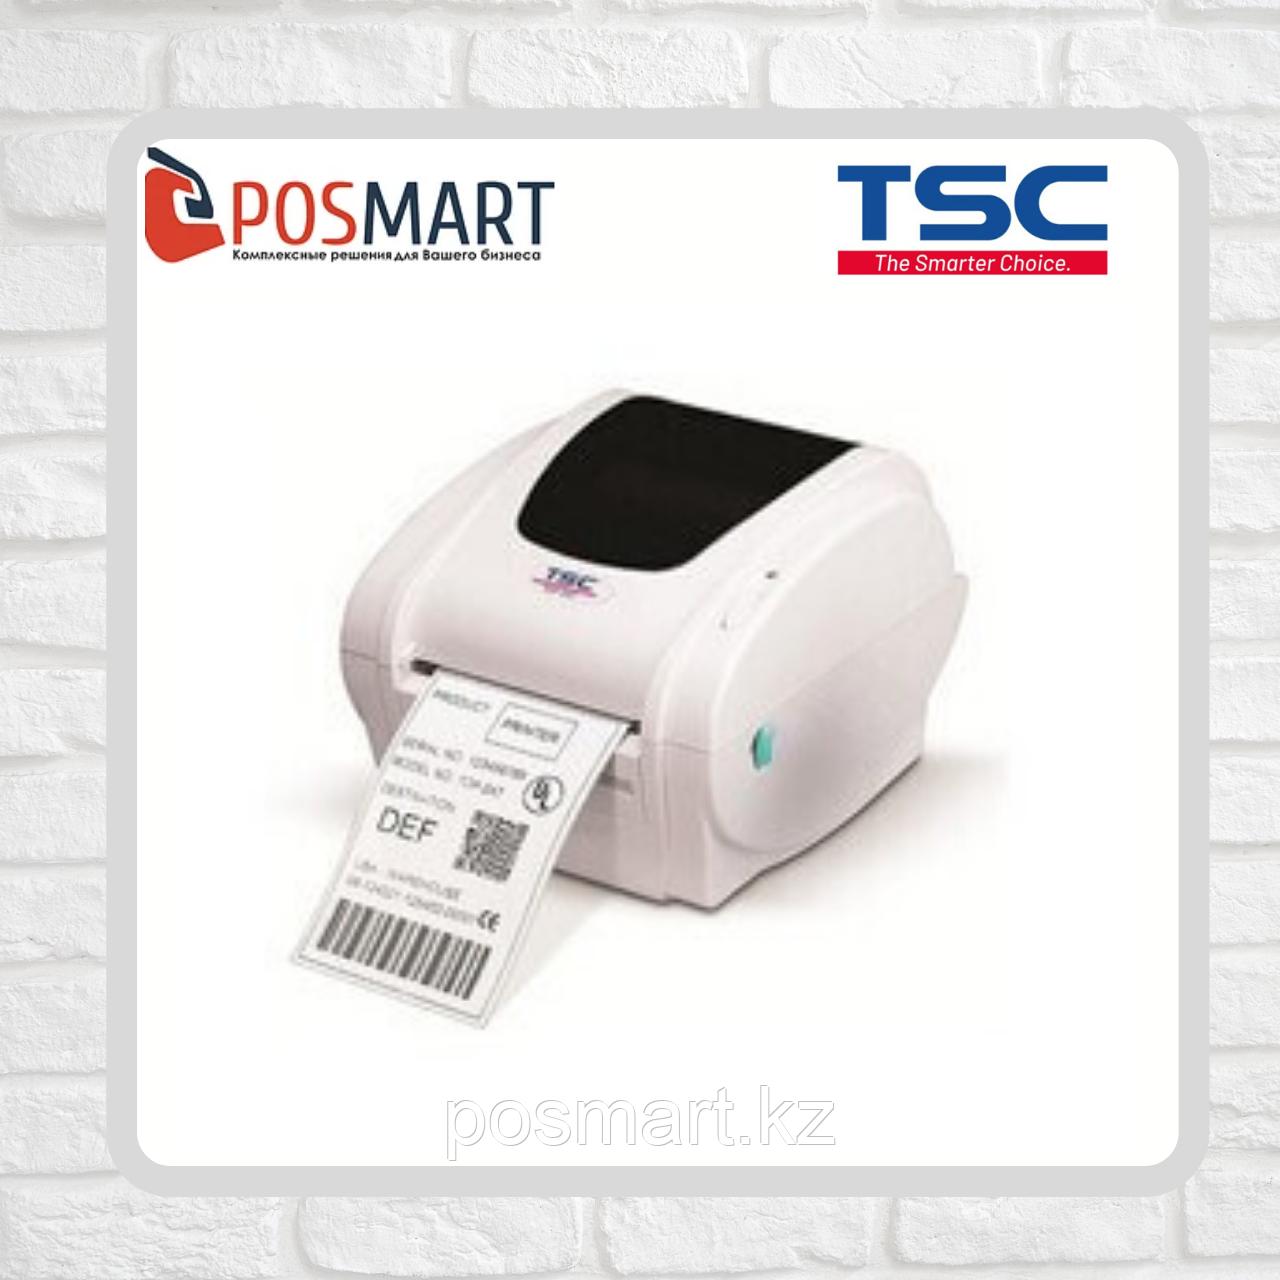 Термо принтер TSC TDP-247